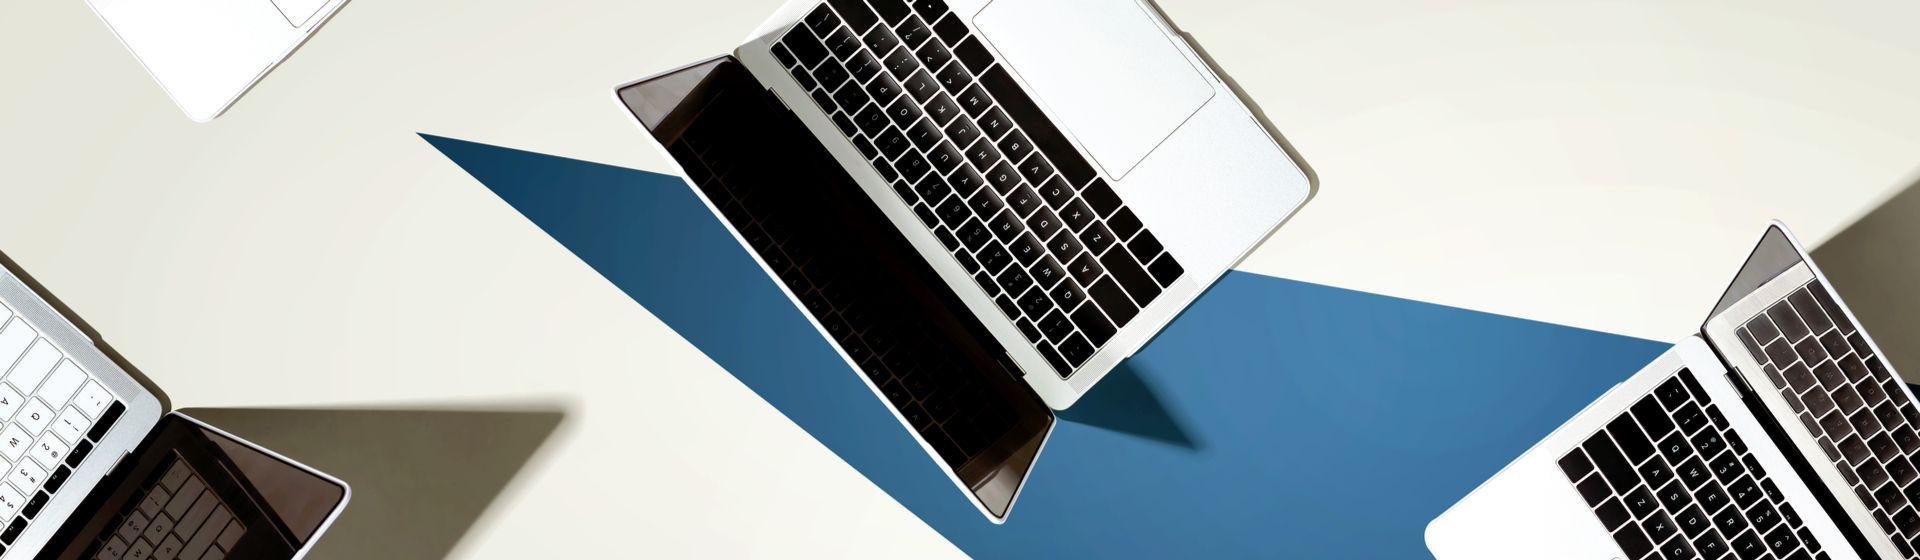 Como comparar notebooks? Saiba escolher o melhor para você